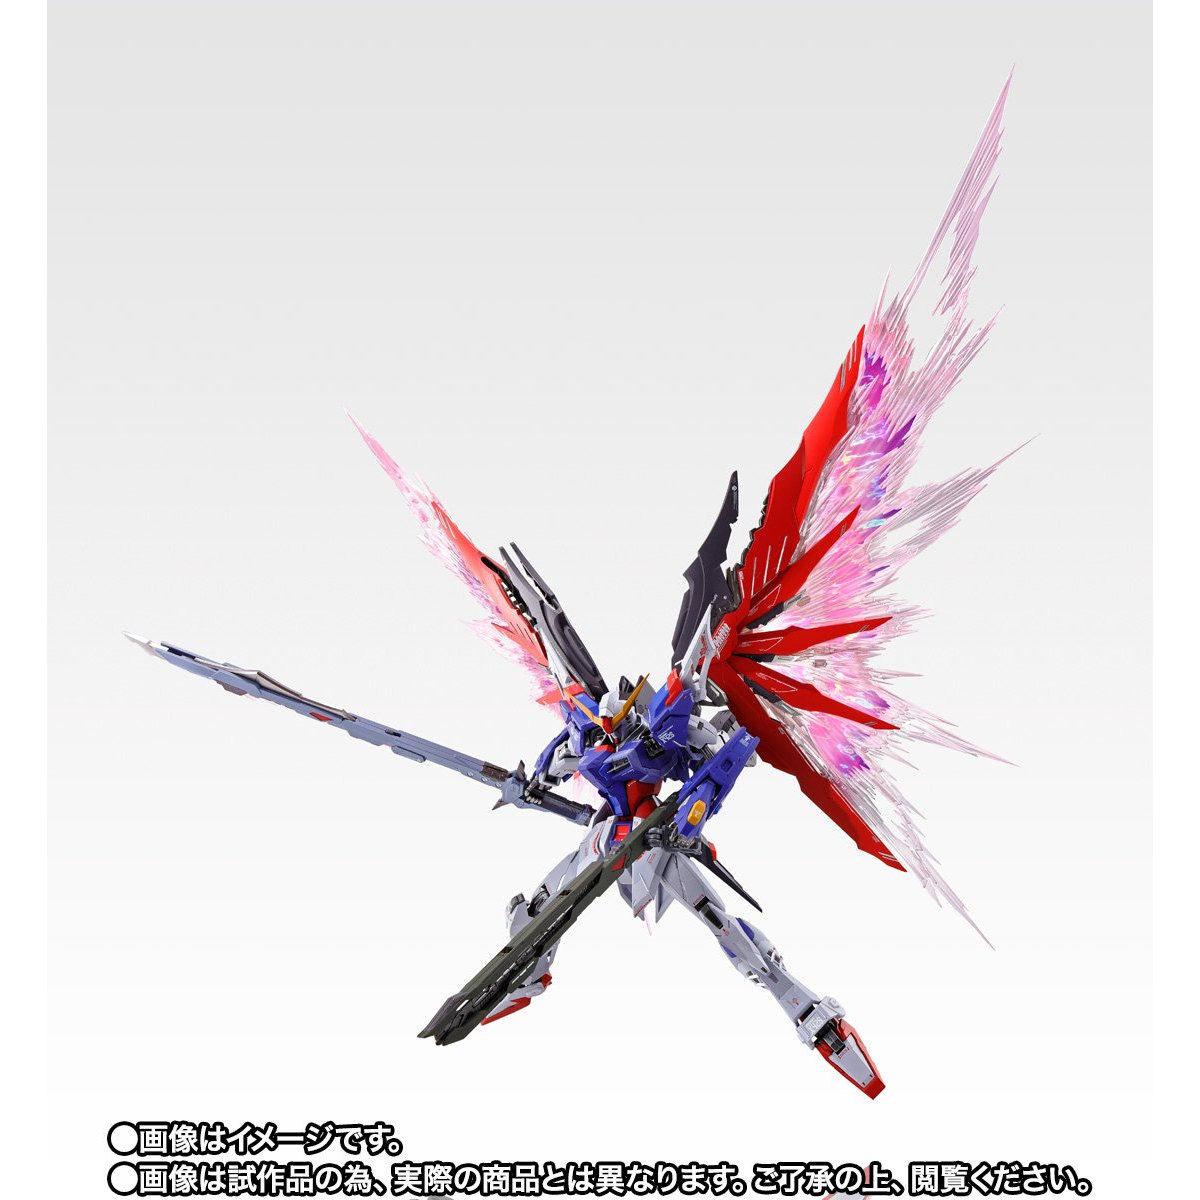 【限定販売】METAL BUILD『デスティニーガンダム SOUL RED Ver.』機動戦士ガンダムSEED DESTINY 可動フィギュア-005